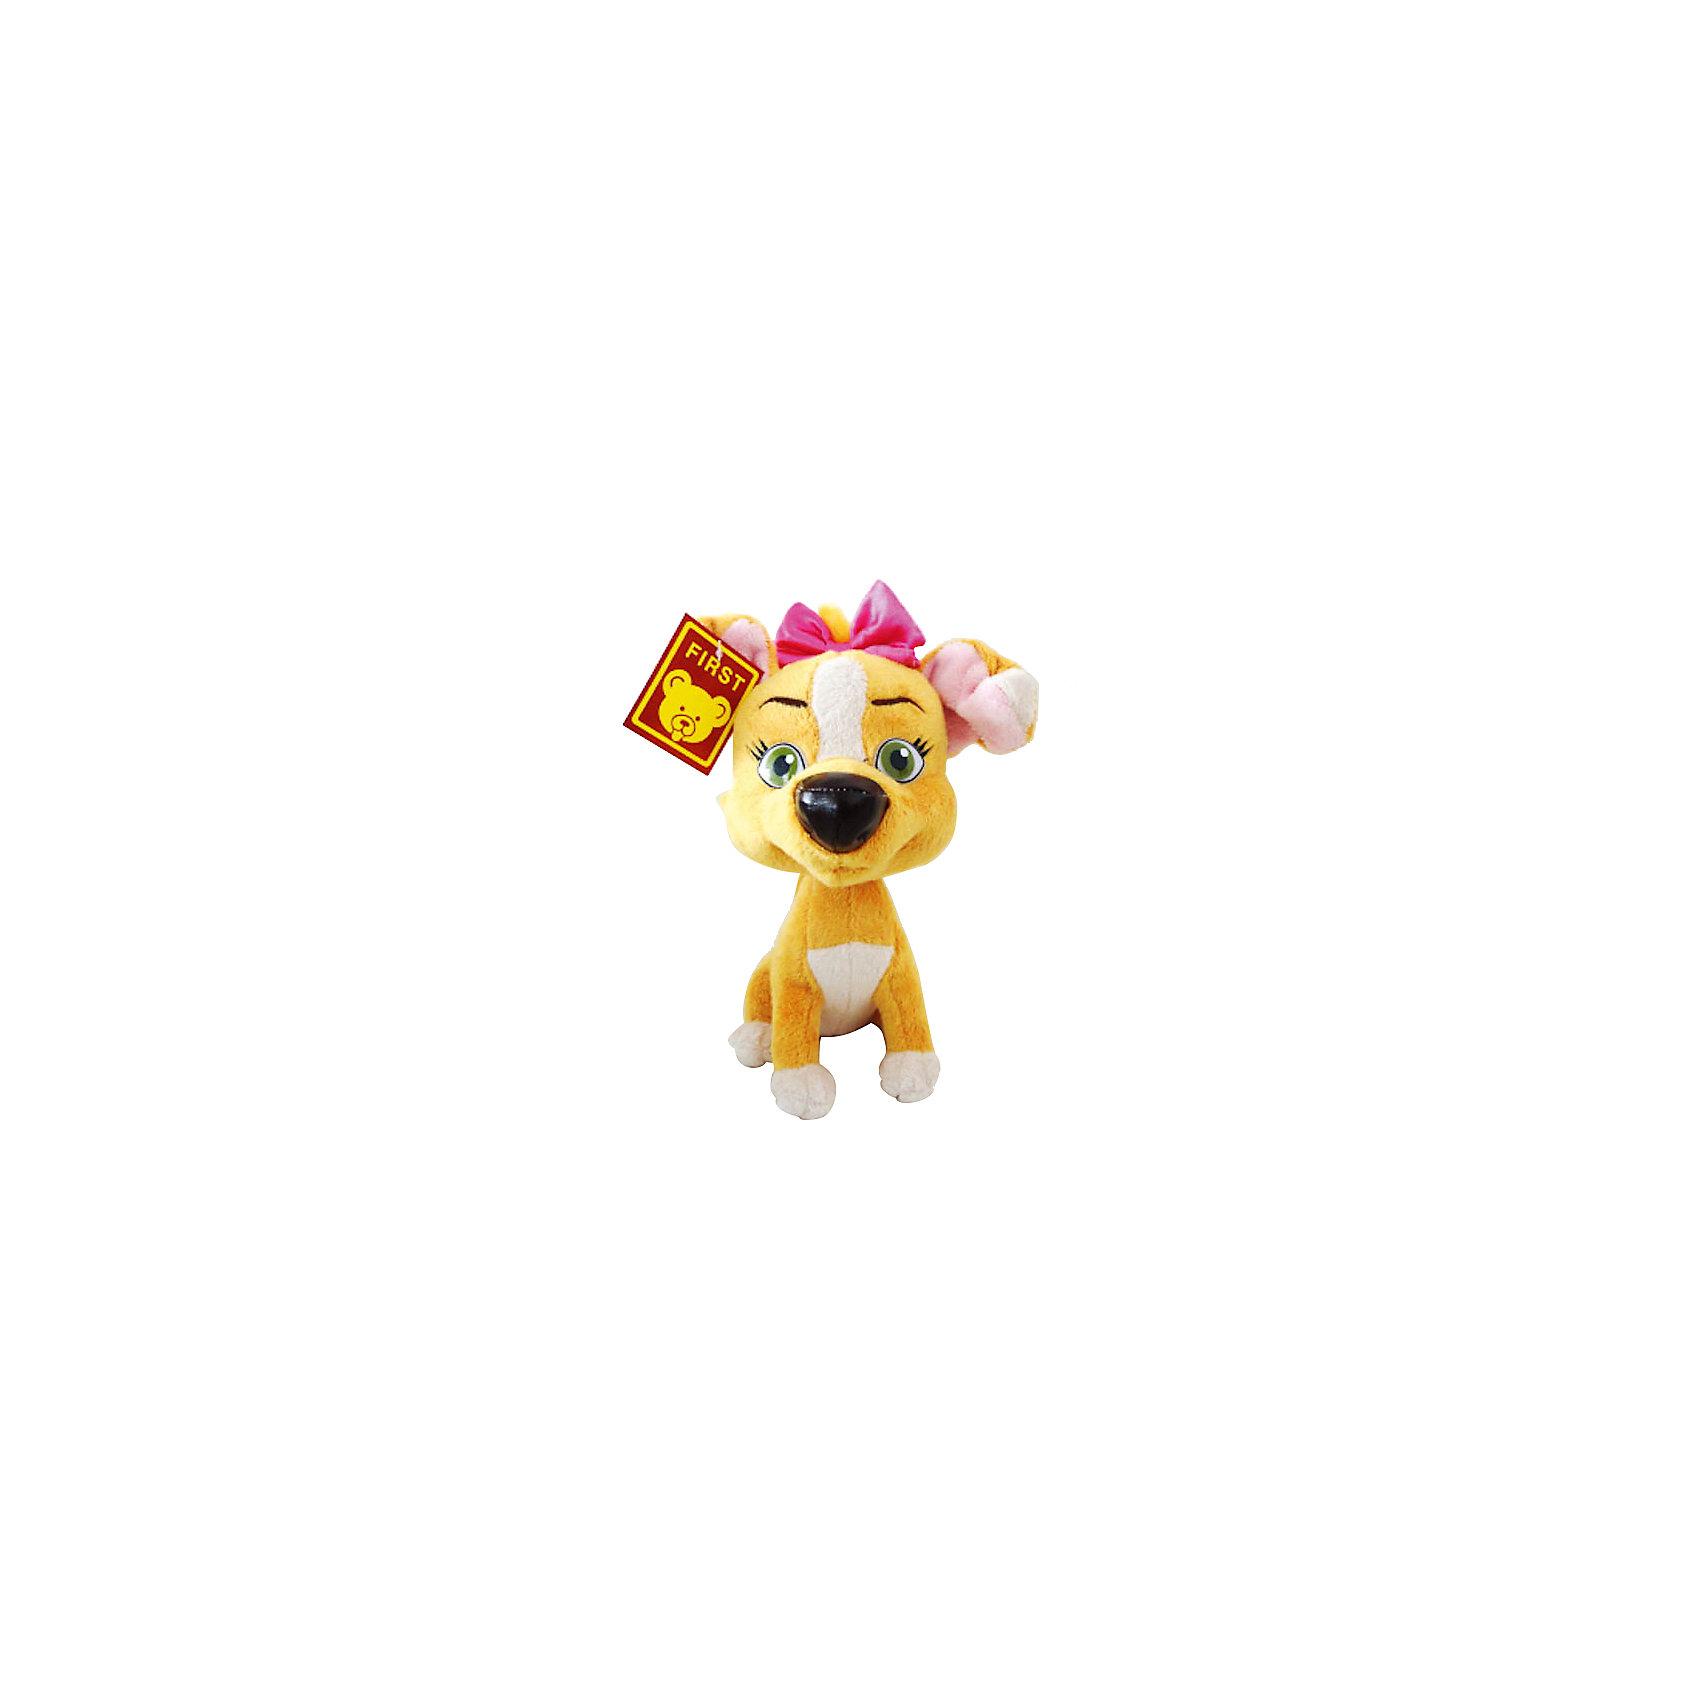 Мягкая игрушка Дина, со звуком, Белка и Стрелка, МУЛЬТИ-ПУЛЬТИЕсли Ваш ребенка обожает мультфильм Белка и Стрелка, ему никак не обойтись без симпатичной собачки Дины! Дина - это один из трех щенков звездной собаки Белки и пса Казбека. Она, как и все ее браться и сестры, все время попадает в разные передряги. Очаровательная мягкая игрушка Мульти-Пульти Собачка Дина станет малышу хорошим другом, с которым можно с увлечением играть, а также сладко засыпать. Эта добрая, милая игрушка обязательно принесет радость маленькому ребенку. Дина выглядит очень дружелюбно. Игрушка выполнена из мягкого плюшевого материала. Малыш будет разыгрывать замечательные истории и слушать песенки, ведь собачка Дина еще и очень музыкальная! Дина выполнена из безопасных материалов и станет прекрасным дополнением коллекции Белка и Стрелка!<br><br>Дополнительная информация:<br><br>- Игрушка с музыкальным блоком;<br>- Понравится любителям мультфильма Белка и Стрелка;<br>- Мягкая и приятная на ощупь;<br>- Материал: плюш;<br>- 3 батареи LR44 (входят в комплект)<br>- Высота: 23 см;<br>- Размер упаковки: 20 х 10 х 17 см;<br>- Вес: 250 г<br><br>Мягкую игрушку Дина, со звуком, Белка и Стрелка, МУЛЬТИ-ПУЛЬТИ можно купить в нашем интернет-магазине.<br><br>Ширина мм: 200<br>Глубина мм: 100<br>Высота мм: 170<br>Вес г: 250<br>Возраст от месяцев: 12<br>Возраст до месяцев: 60<br>Пол: Унисекс<br>Возраст: Детский<br>SKU: 3939482